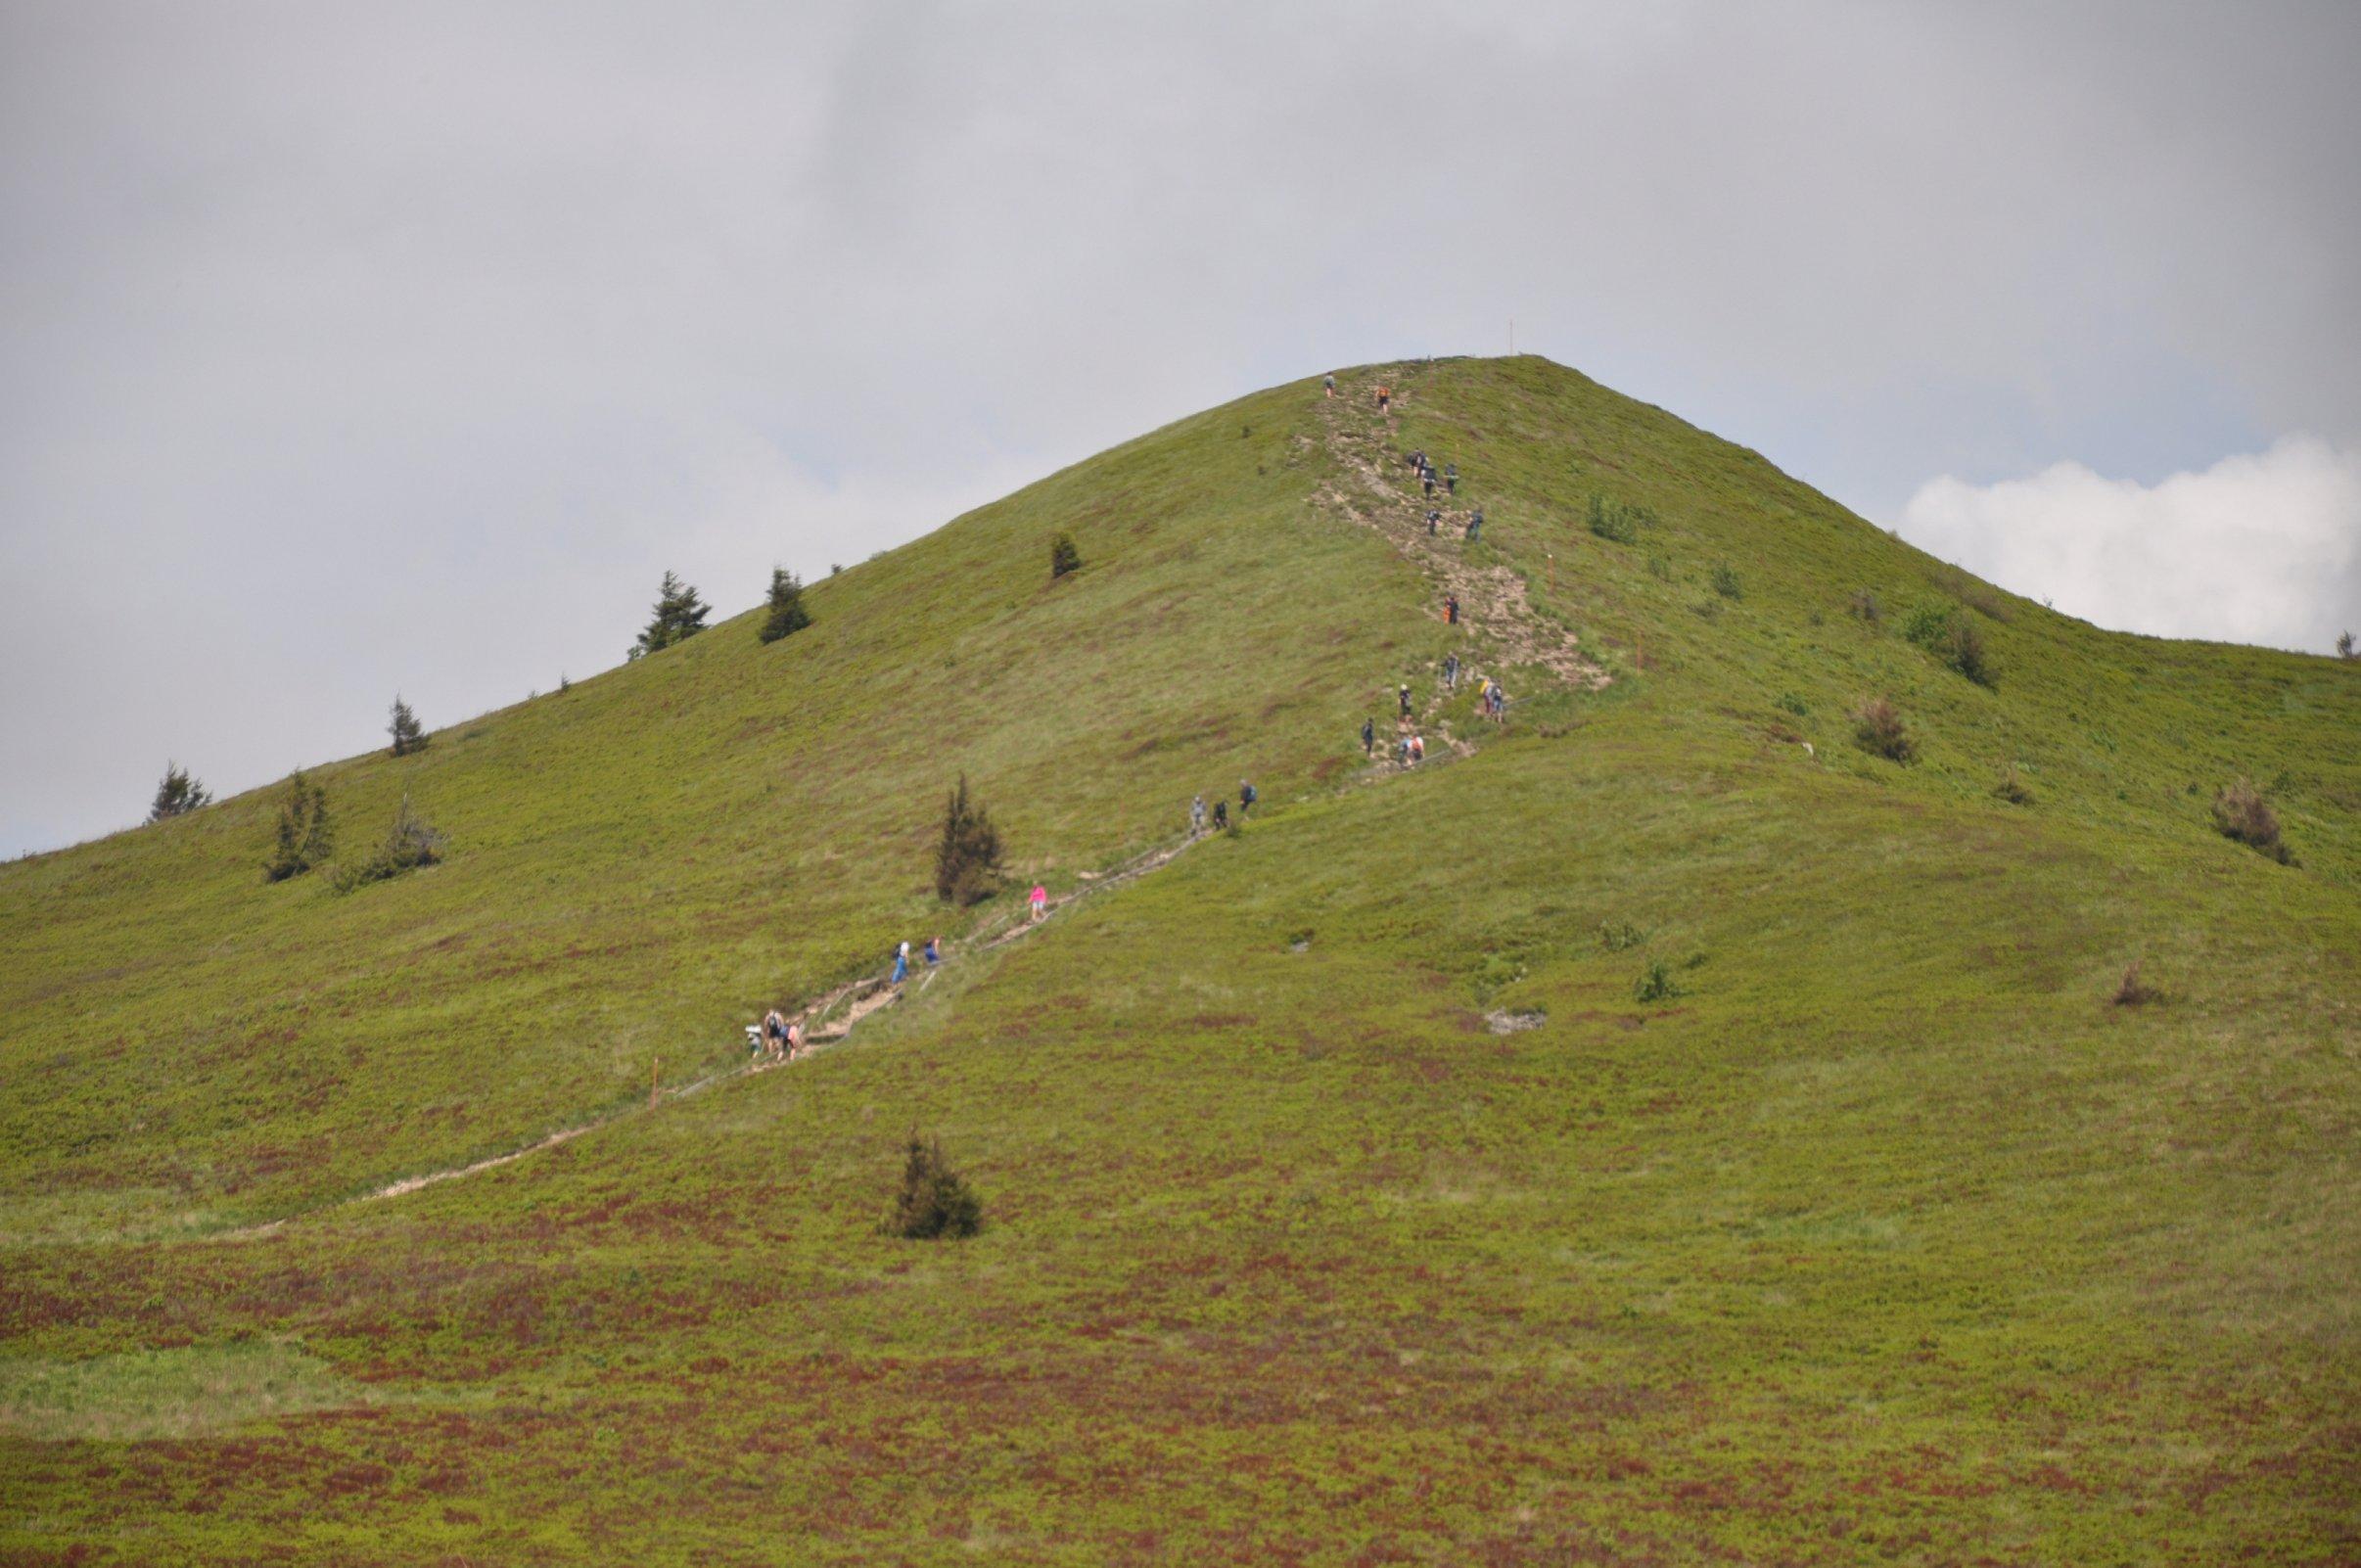 Bieszczadzki Park Narodowy podsumował frekwencję na szlakach - Zdjęcie główne